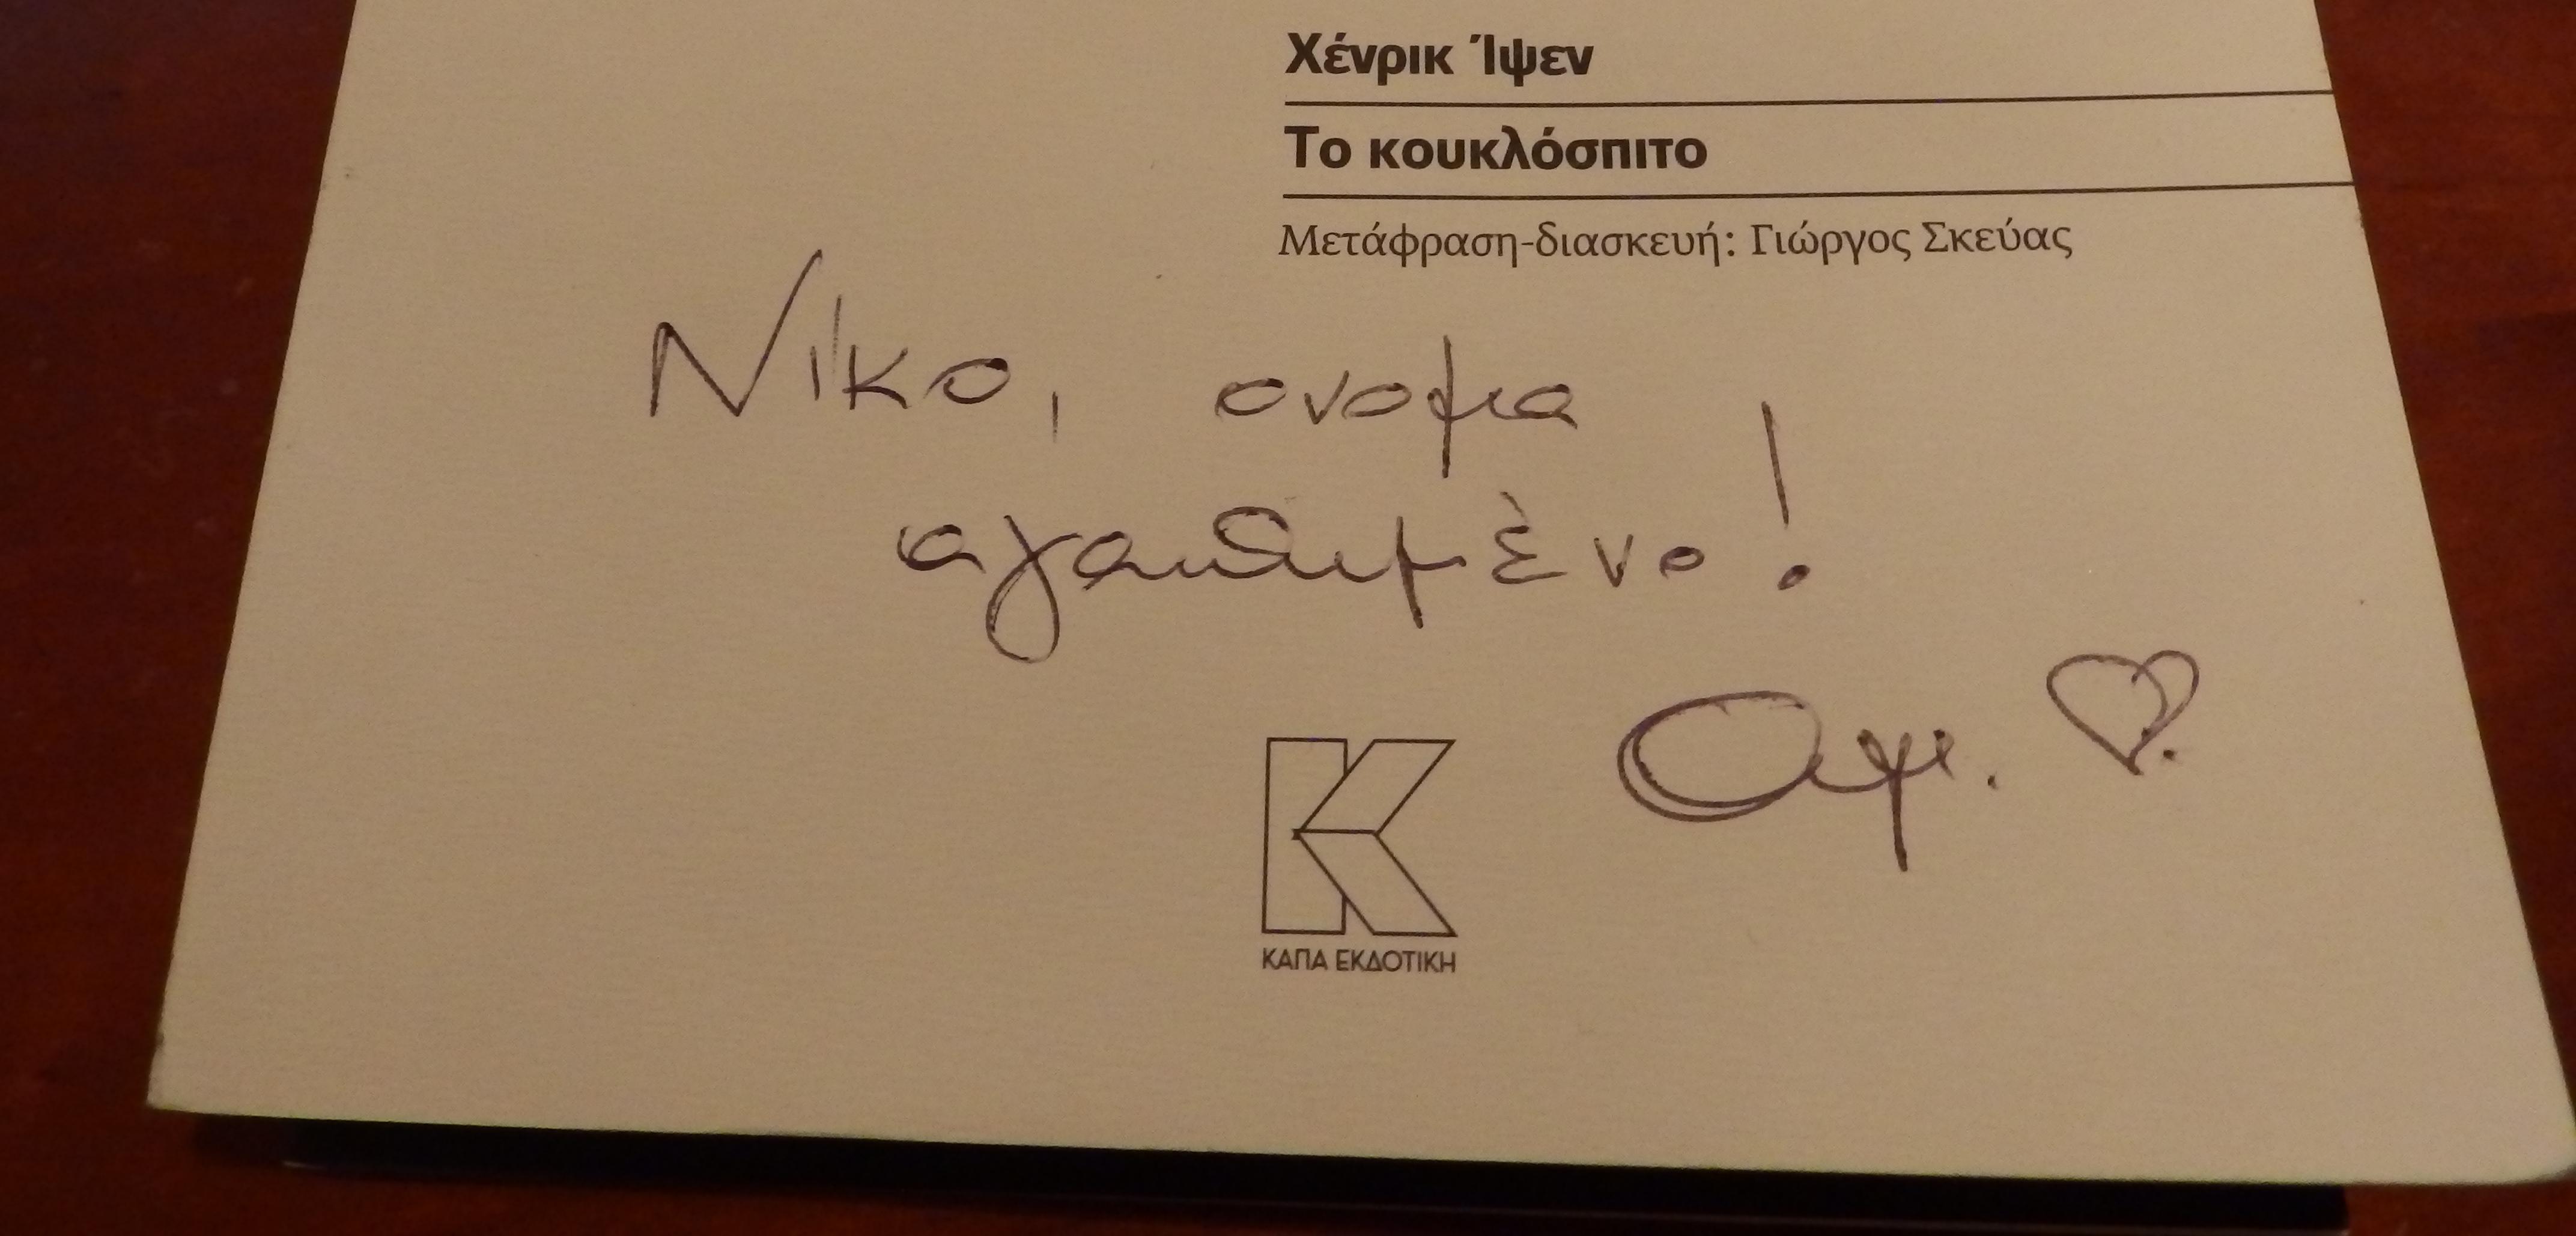 """Αμαλία Μουτούση, Νίκος Μουρατίδης, """"Το κουκλόσπιτο"""""""